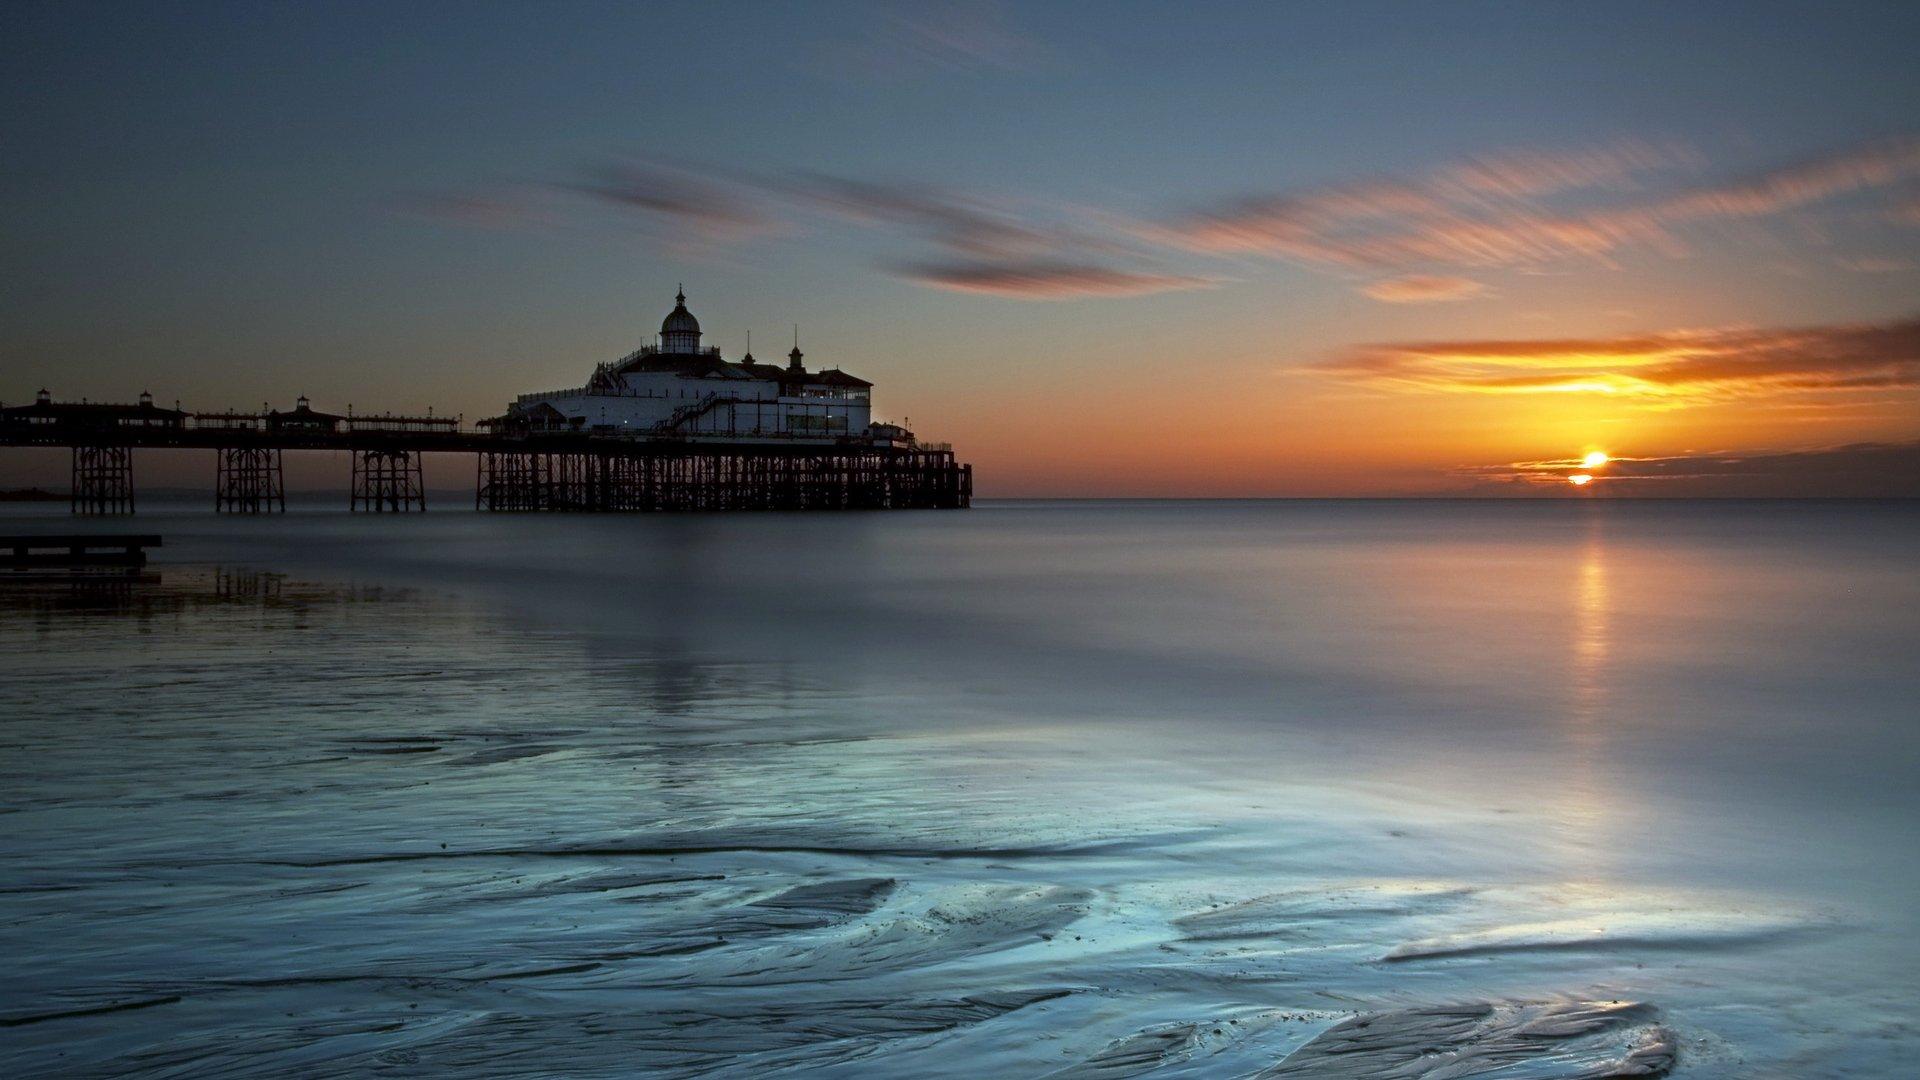 Klicke auf die Grafik für eine größere Ansicht  Name:England_Eastbourne_sea_sunset_landscape_beaches_ocean_1920x1080.jpg Hits:344 Größe:220,2 KB ID:78710